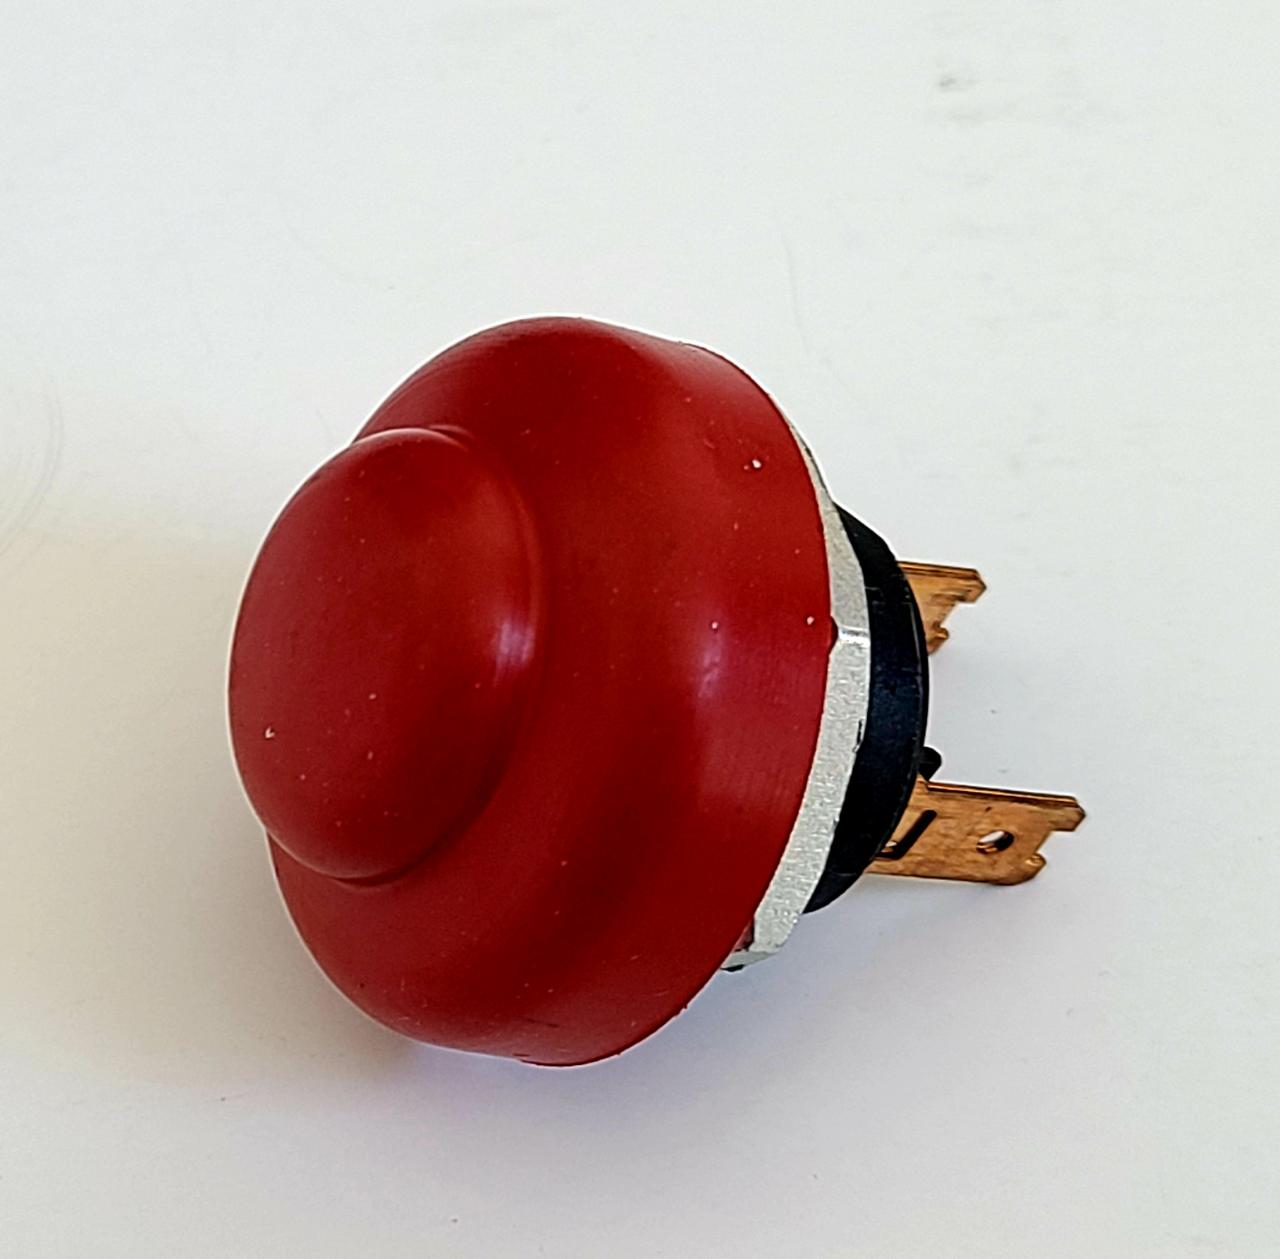 KA100 & X30 Push Start Button - Red